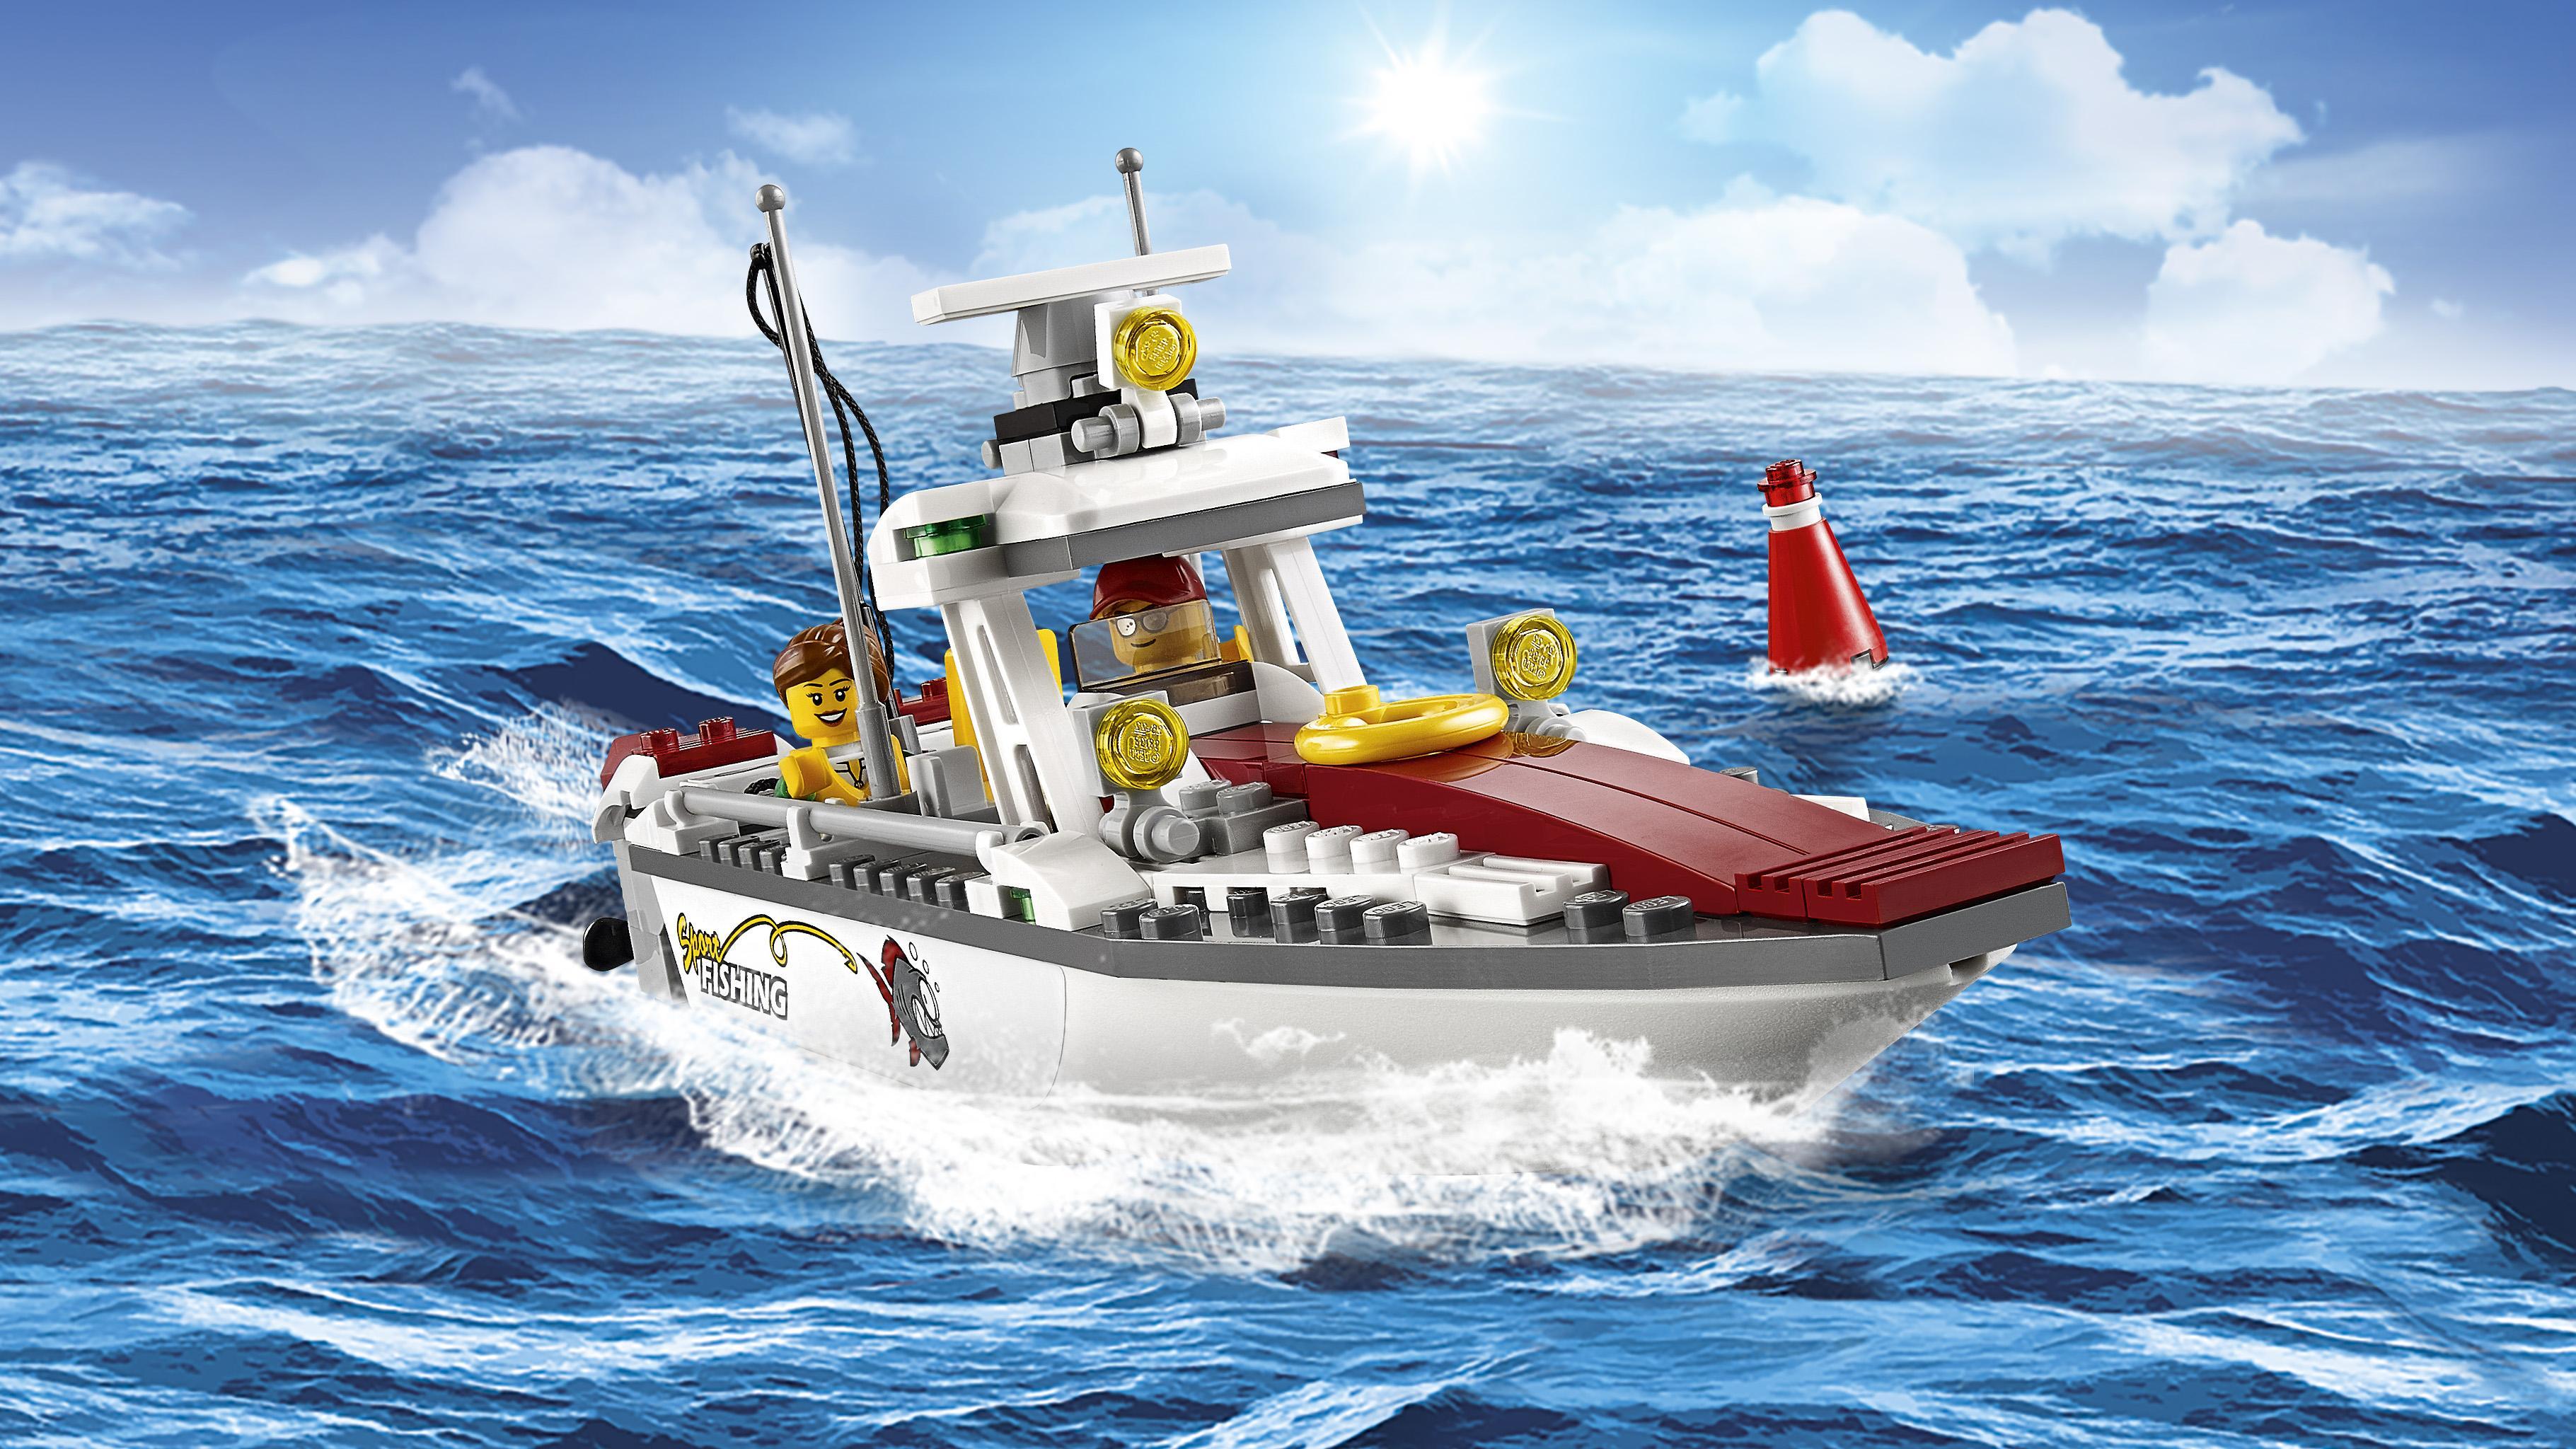 Amazon.com: LEGO City Fishing Boat 60147 Creative Play Toy ...